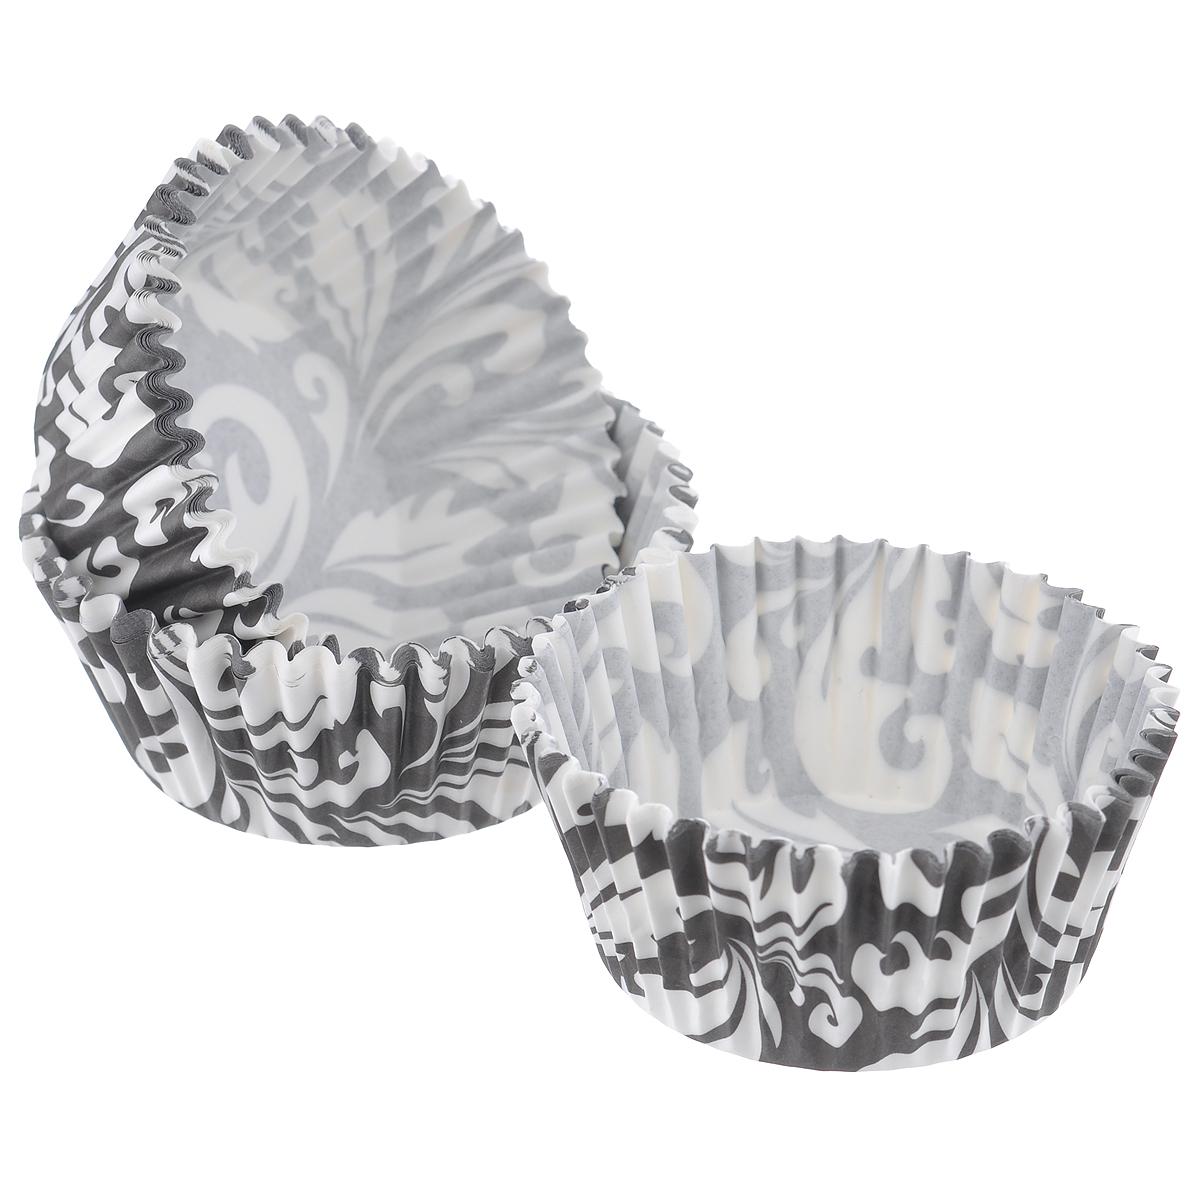 Набор бумажных форм для кексов Dolce Arti Черный узор, цвет: черный, белый, диаметр 7 см, 50 шт54 009312Набор Dolce Arti Черный узор состоит из 50 бумажных форм для кексов, оформленных оригинальным узором. Они предназначены для выпечки и упаковки кондитерских изделий, также могут использоваться для сервировки орешков, конфет и многого другого. Для одноразового применения. Гофрированные бумажные формы идеальны для выпечки кексов, булочек и пирожных.Высота стенки: 3 см. Диаметр (по верхнему краю): 7 см.Диаметр дна: 5 см.